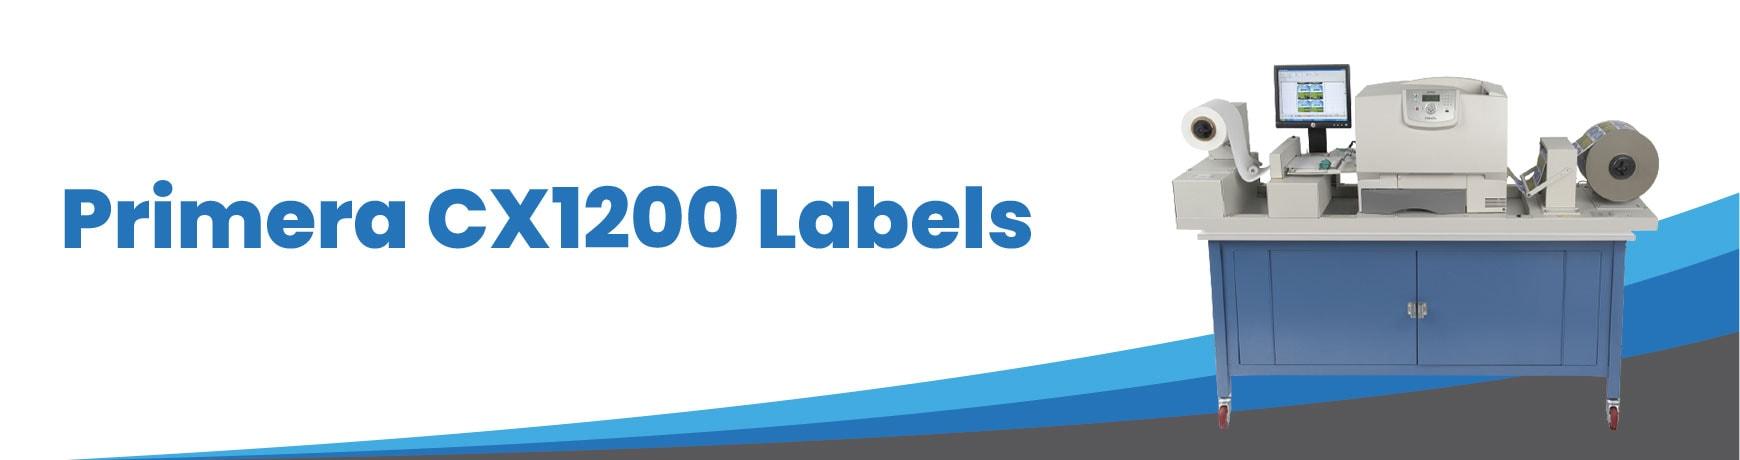 Primera CX1200 Labels